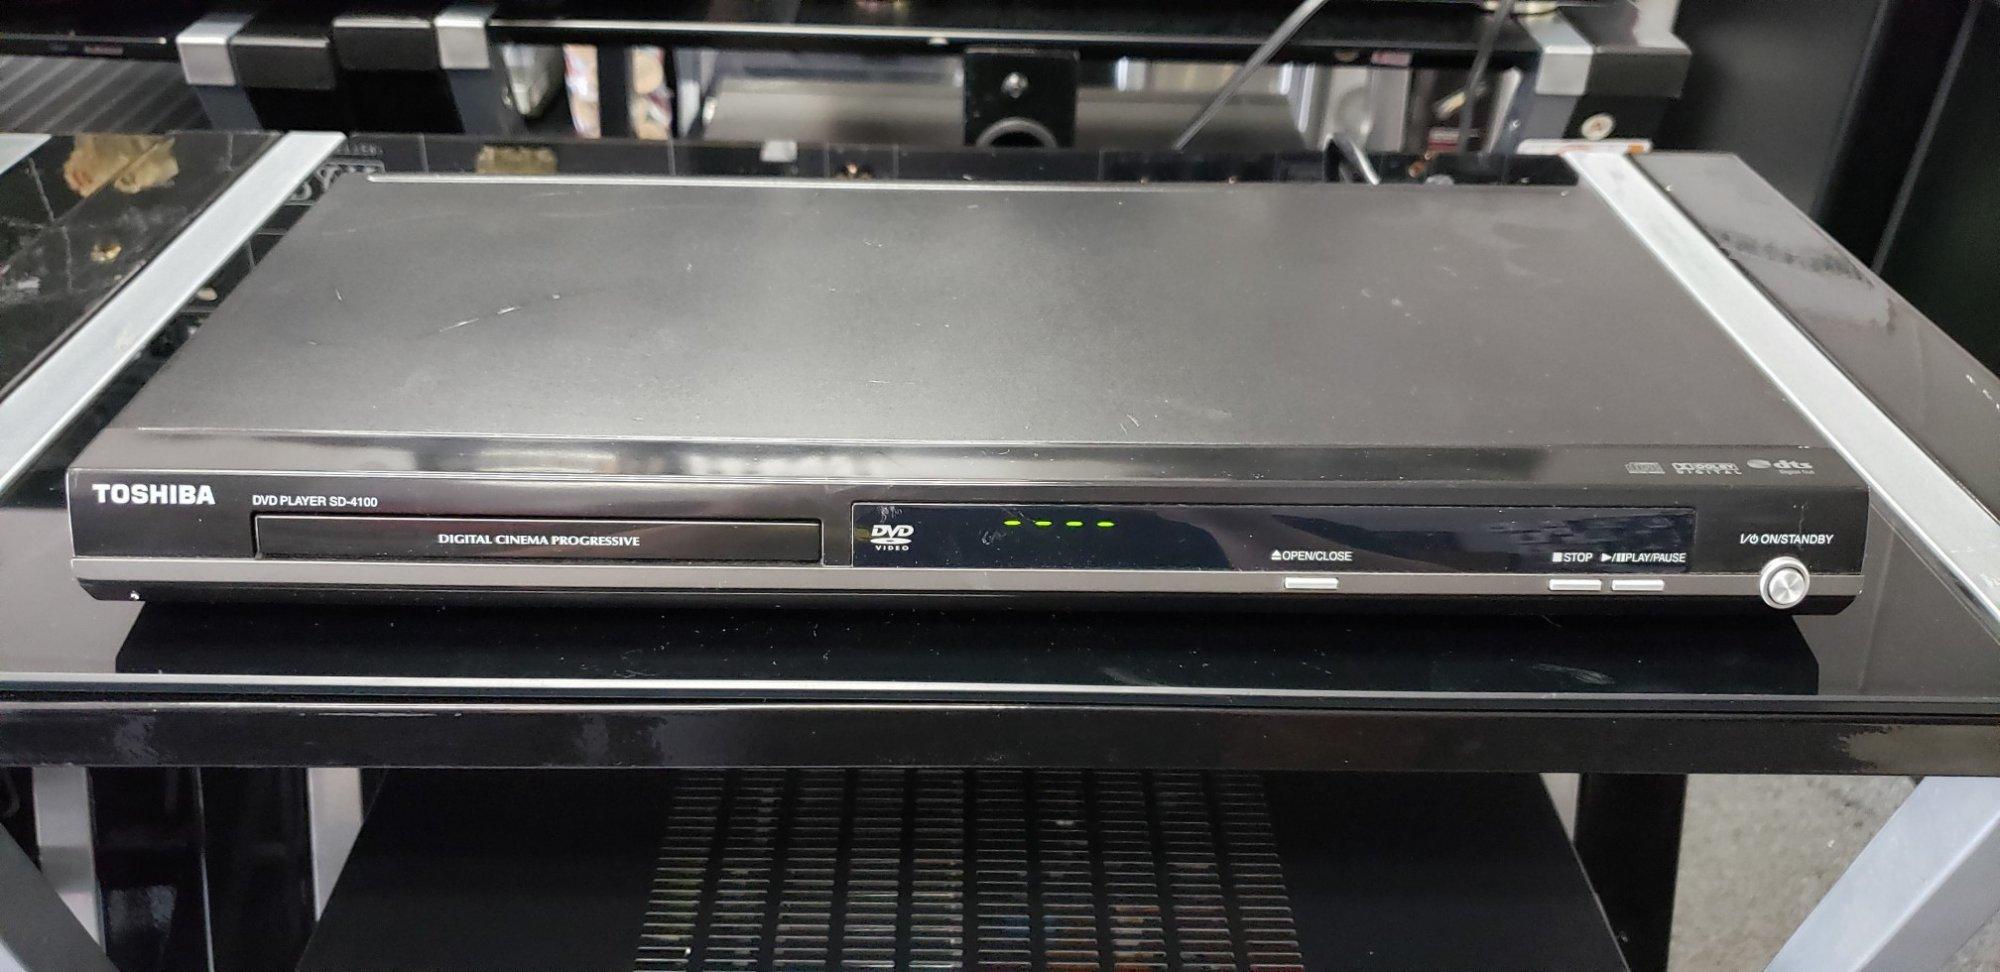 Toshiba Sd-4100